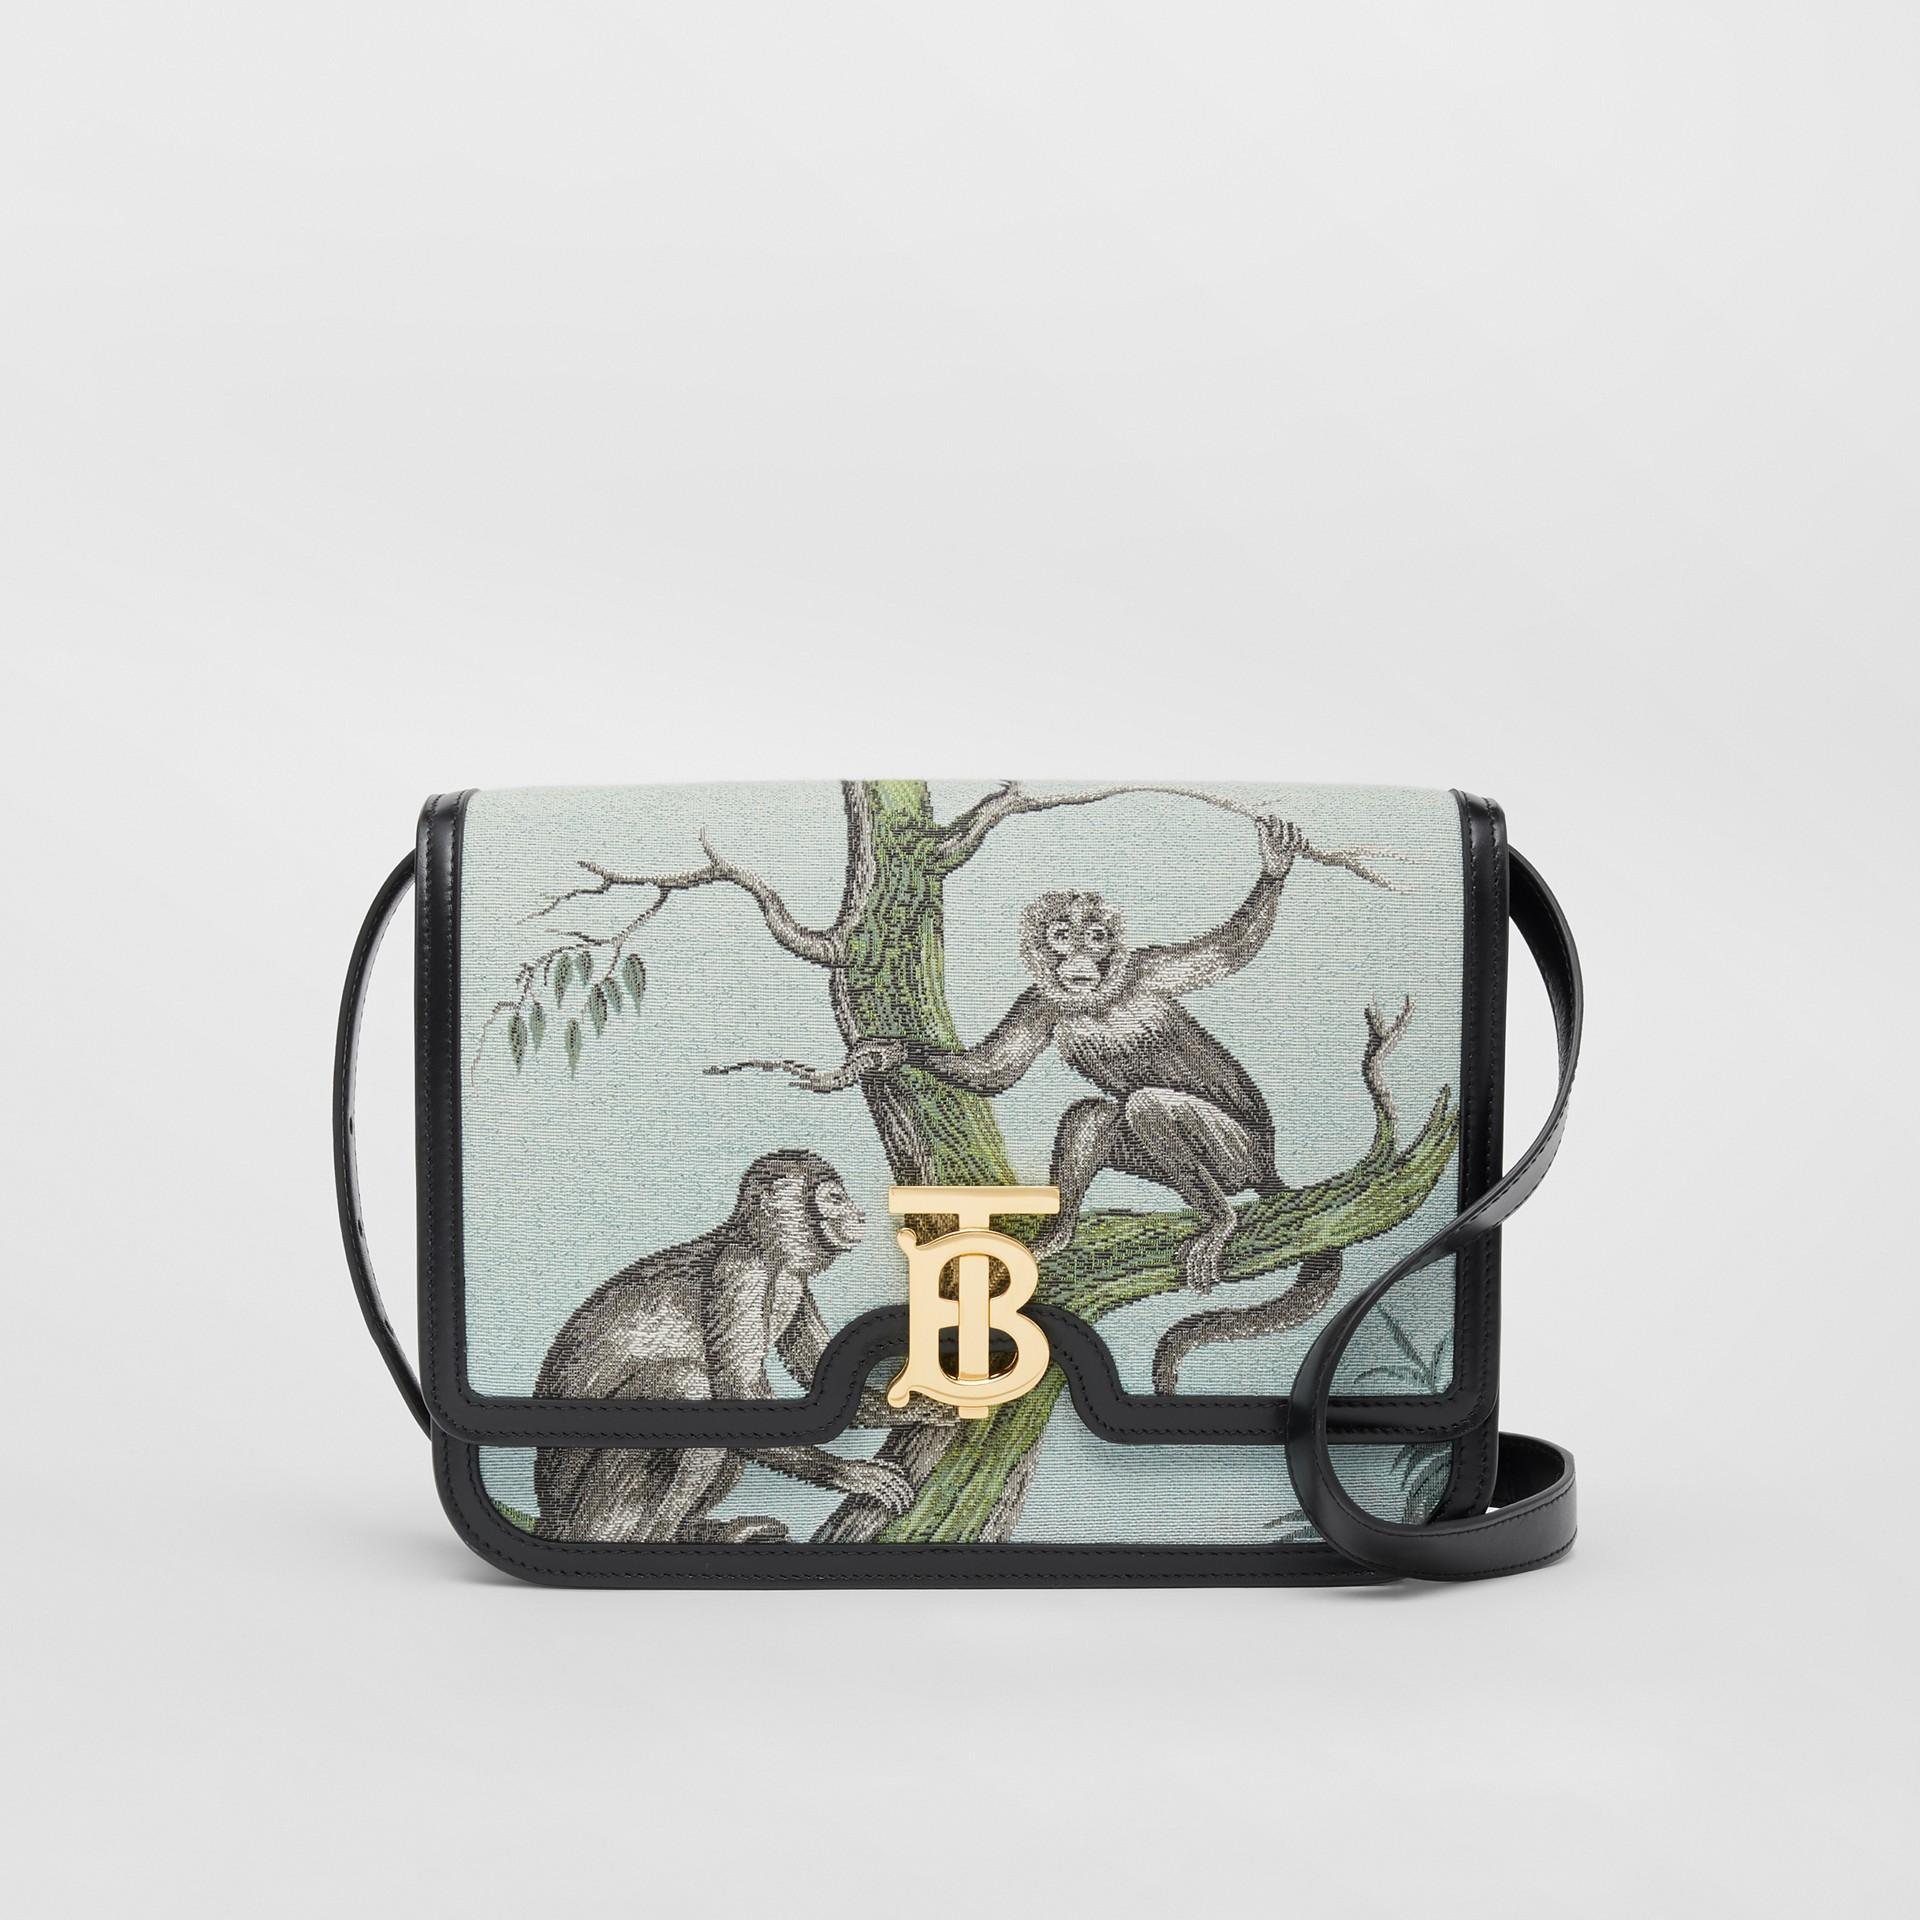 Bolsa TB de couro com recorte de macacos em jacquard - Pequena (Preto/verde Opala) - Mulheres | Burberry - galeria de imagens 0